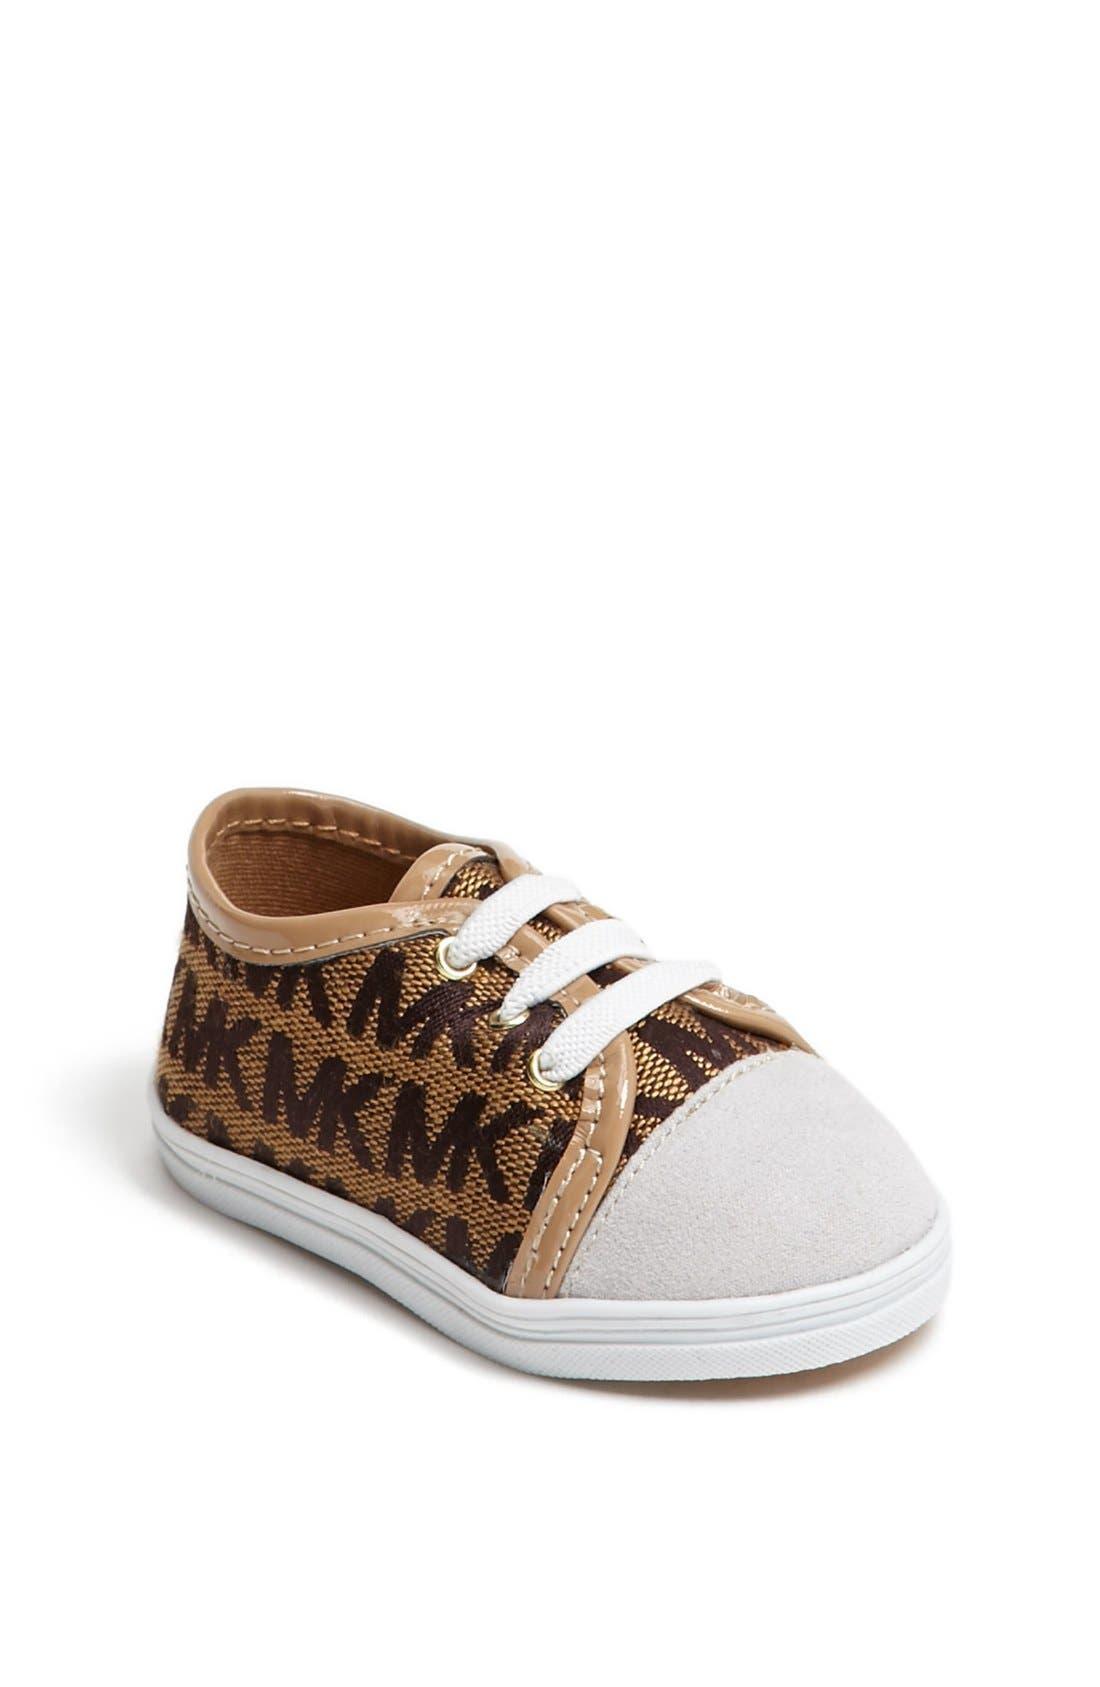 Main Image - MICHAEL Michael Kors 'Baby Monogram' Crib Shoe (Baby)